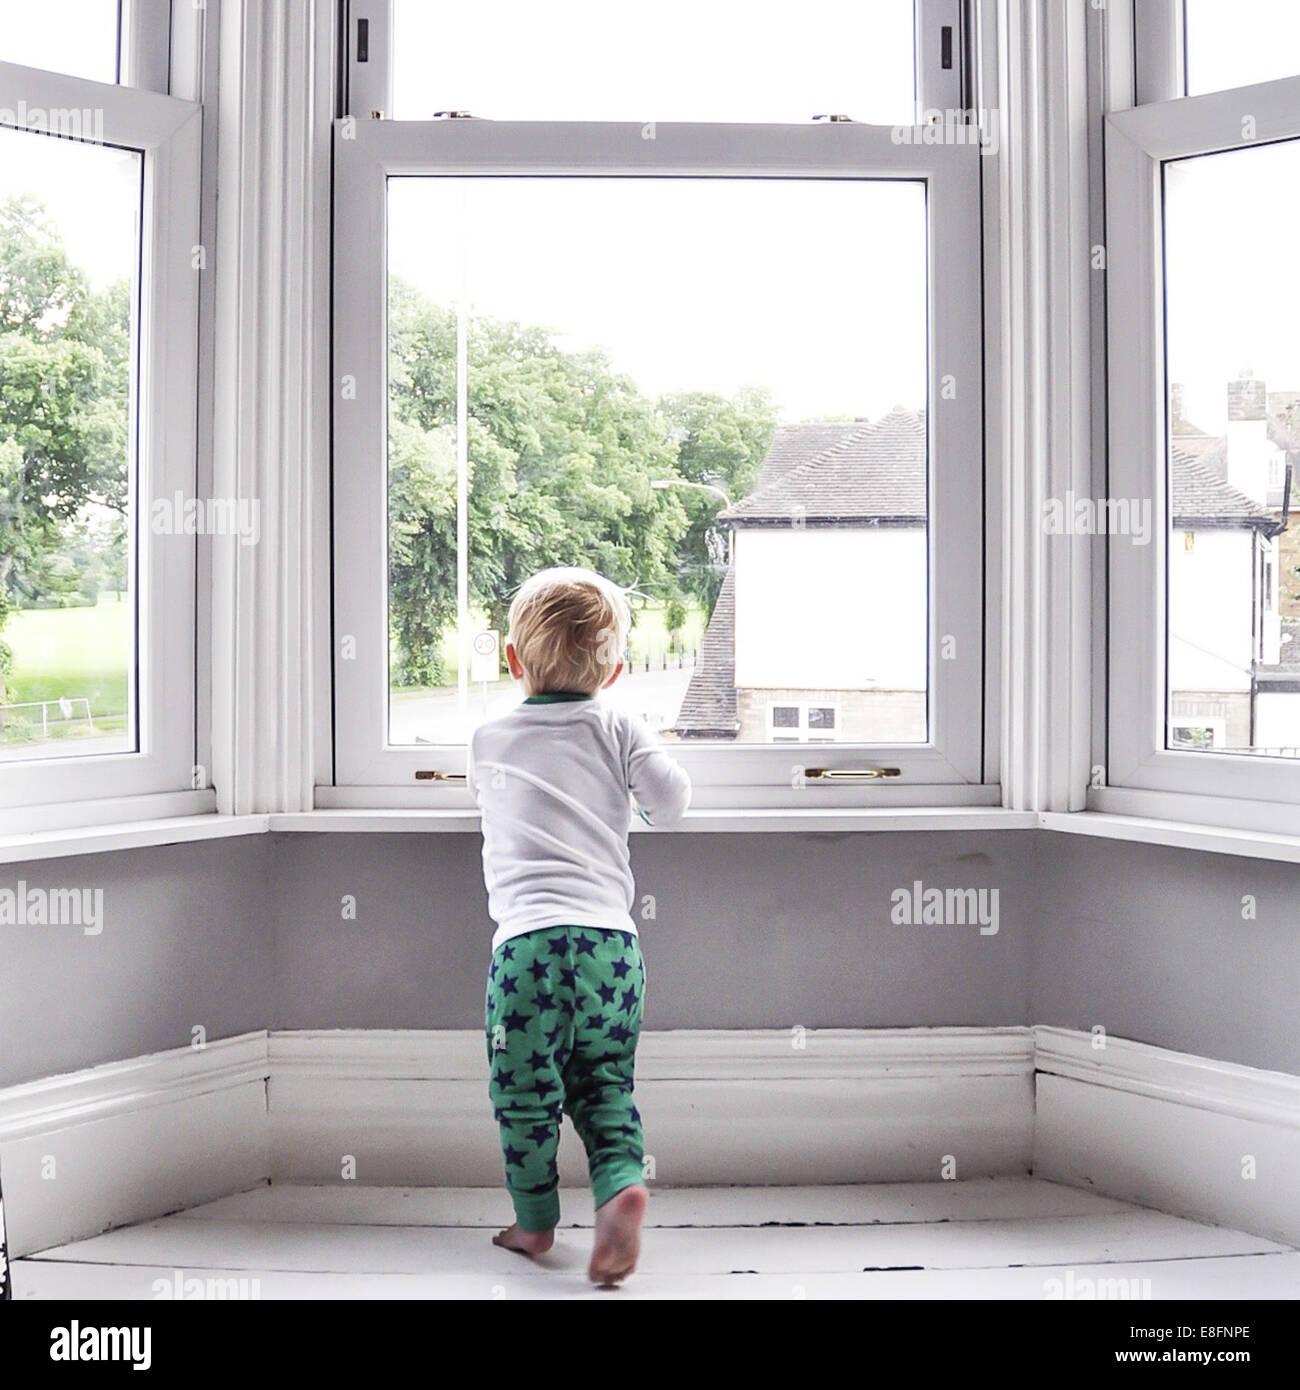 Chico mirando fuera del Salón de la ventana Imagen De Stock